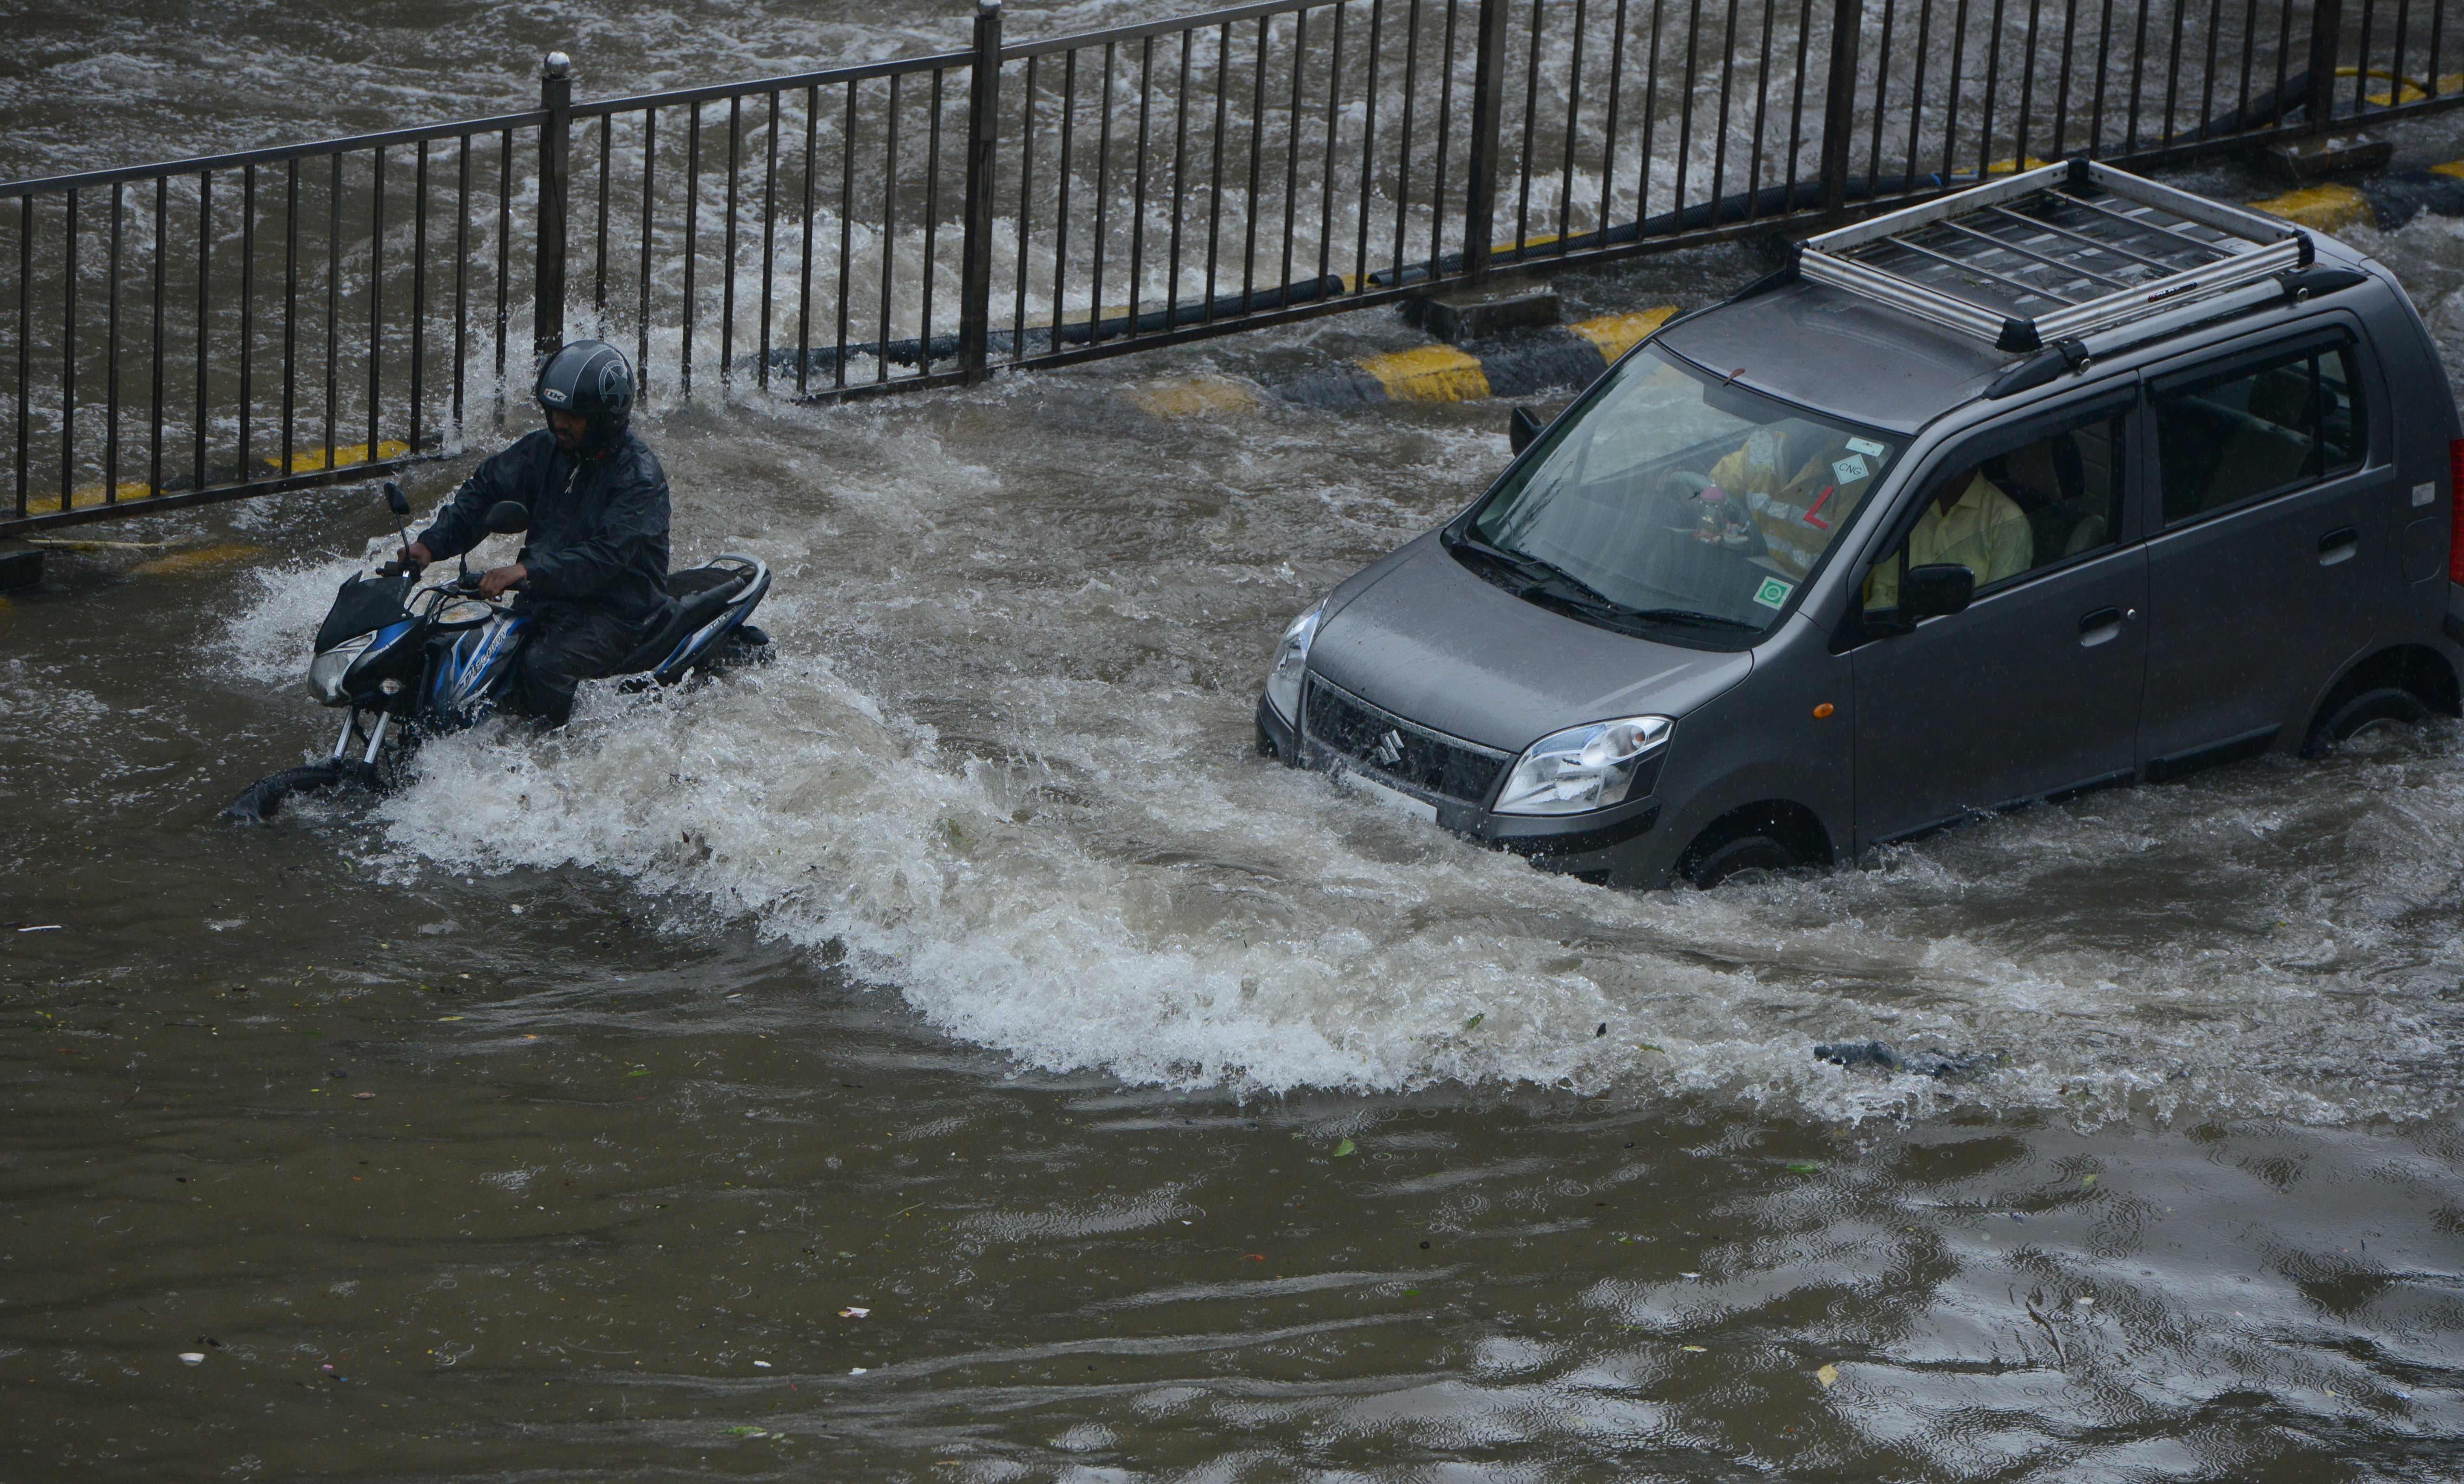 غرق مواطنين هنود فى الأمطار